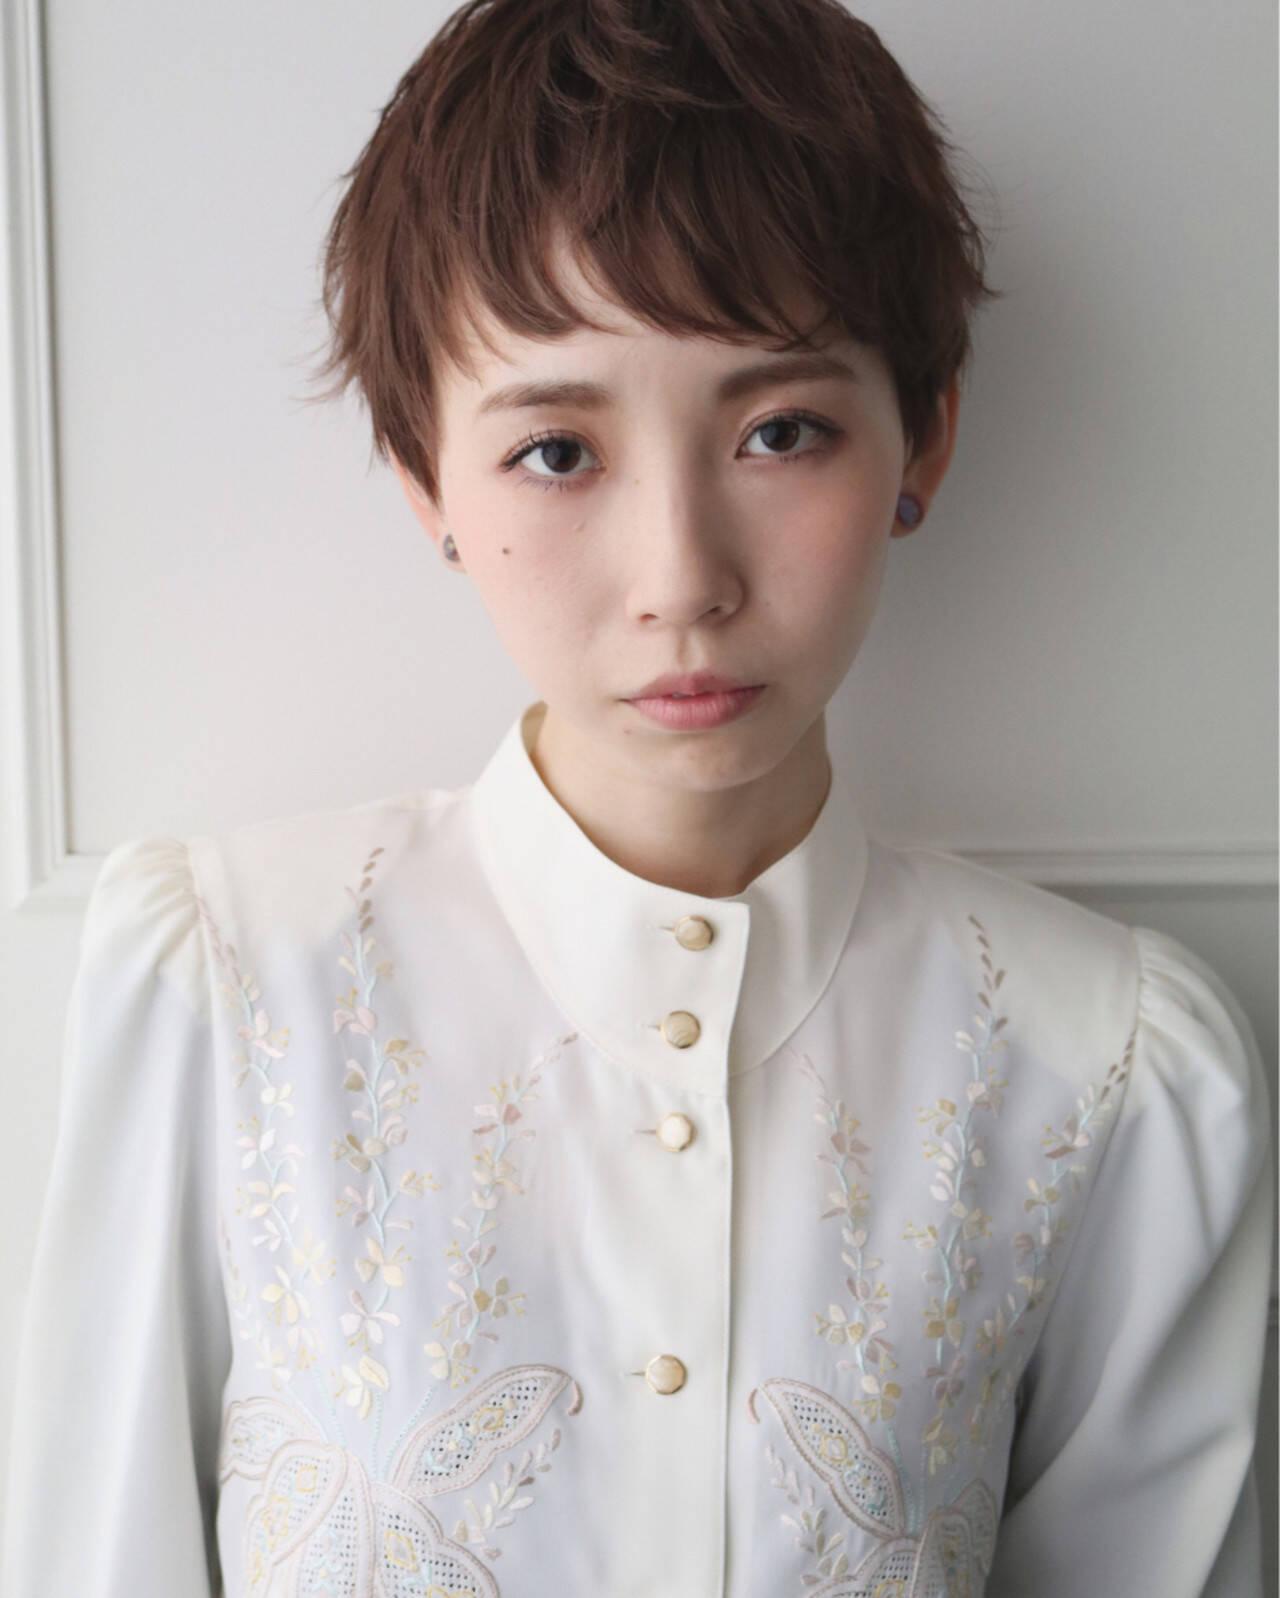 ベリーショート 似合わせ ミルクティー 小顔ヘアスタイルや髪型の写真・画像